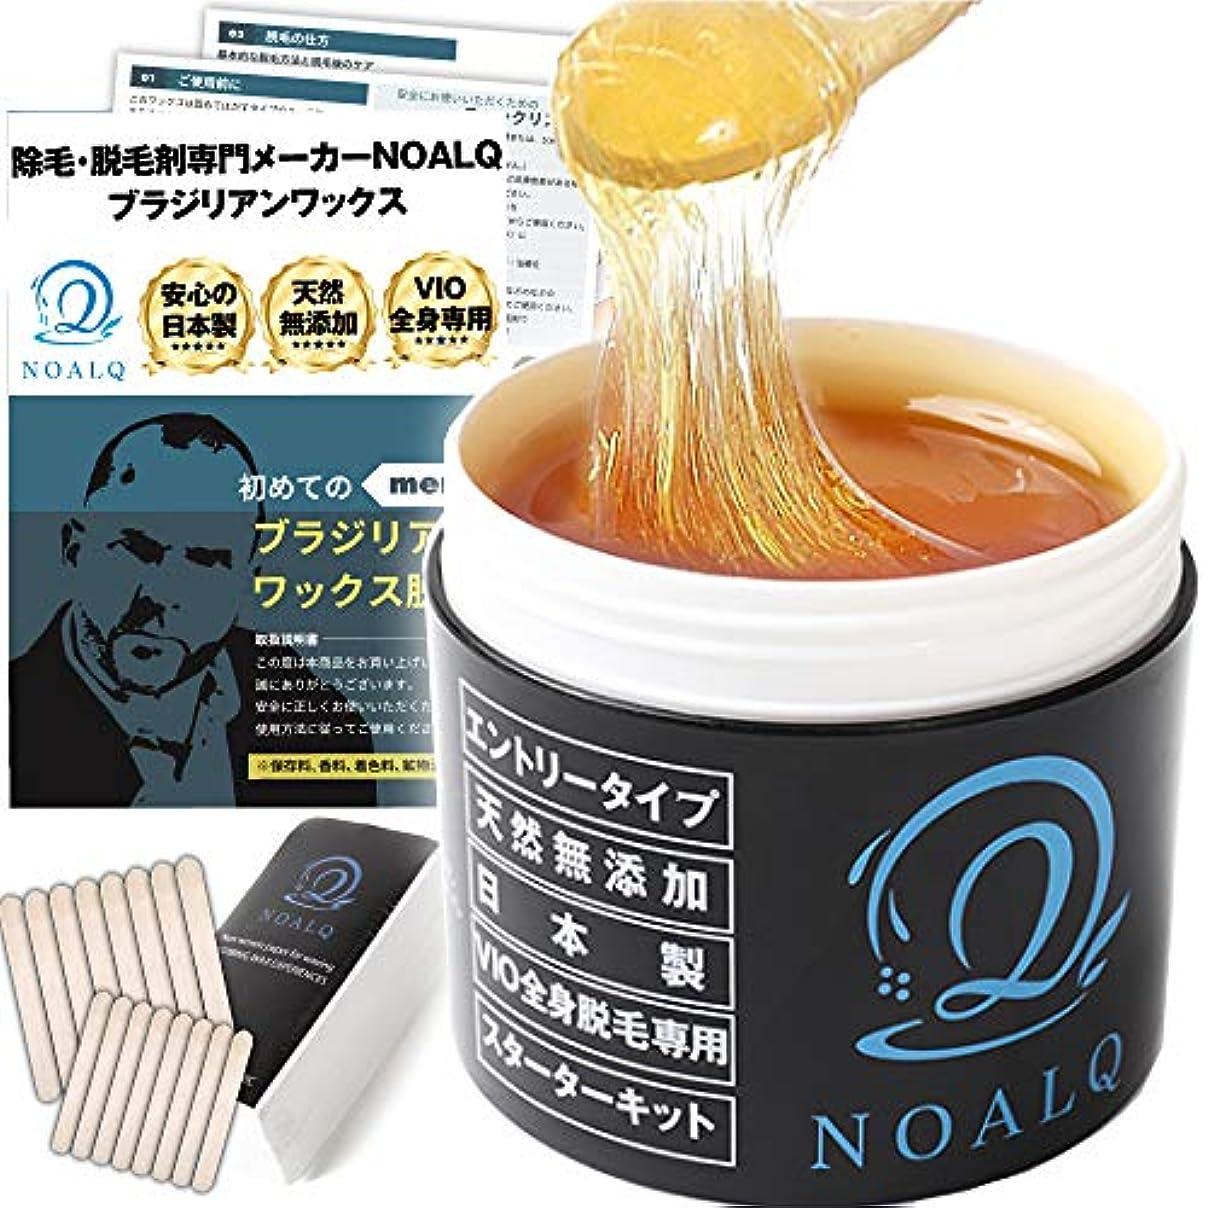 血統決めます達成可能NOALQ(ノアルク) ブラジリアンワックス エントリータイプ 天然無添加素材 純国産100% VIO 全身脱毛専用 スターターキット